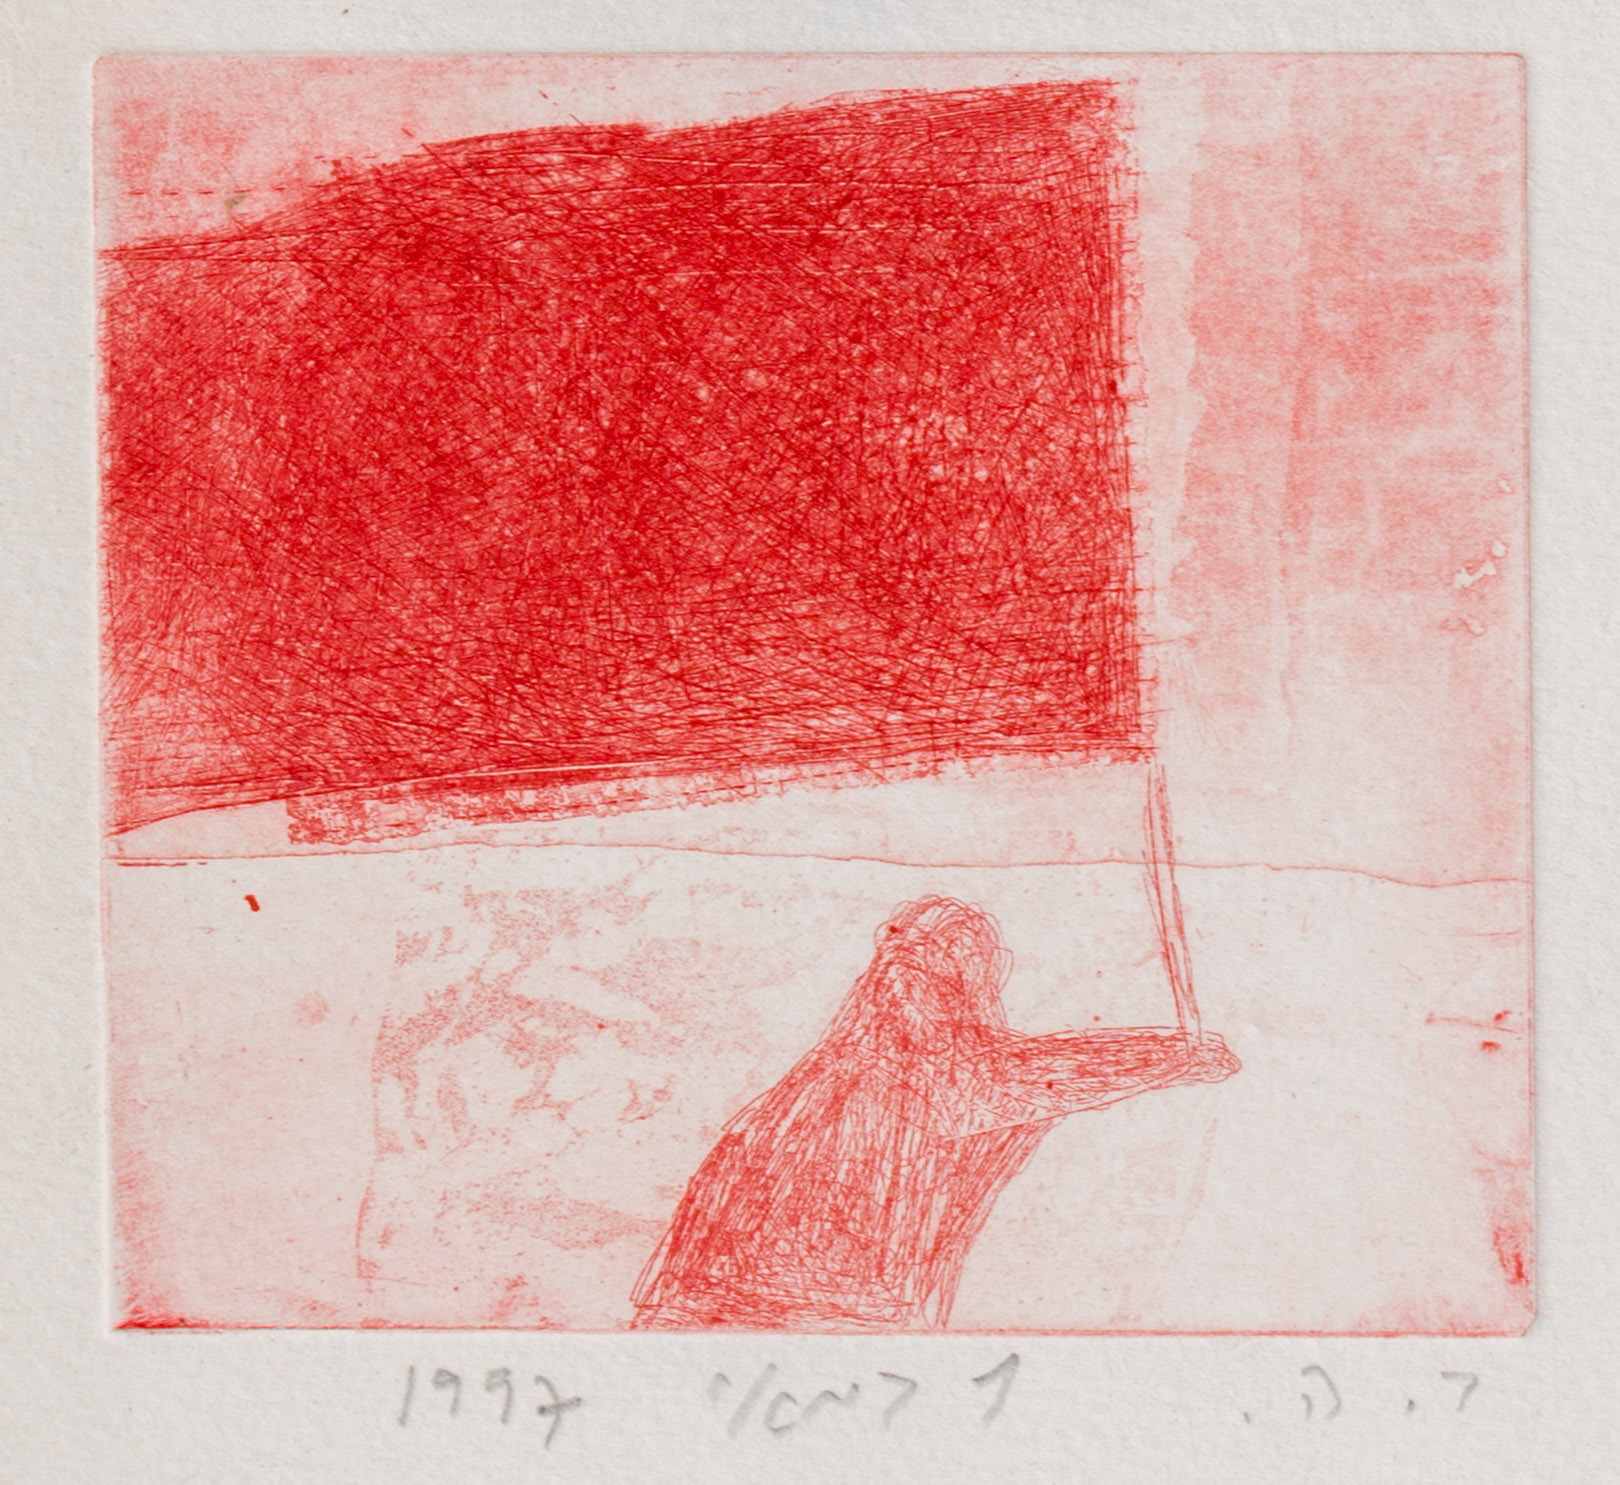 דב הלר, האיש שאהב דגל אדום, האחד במאי